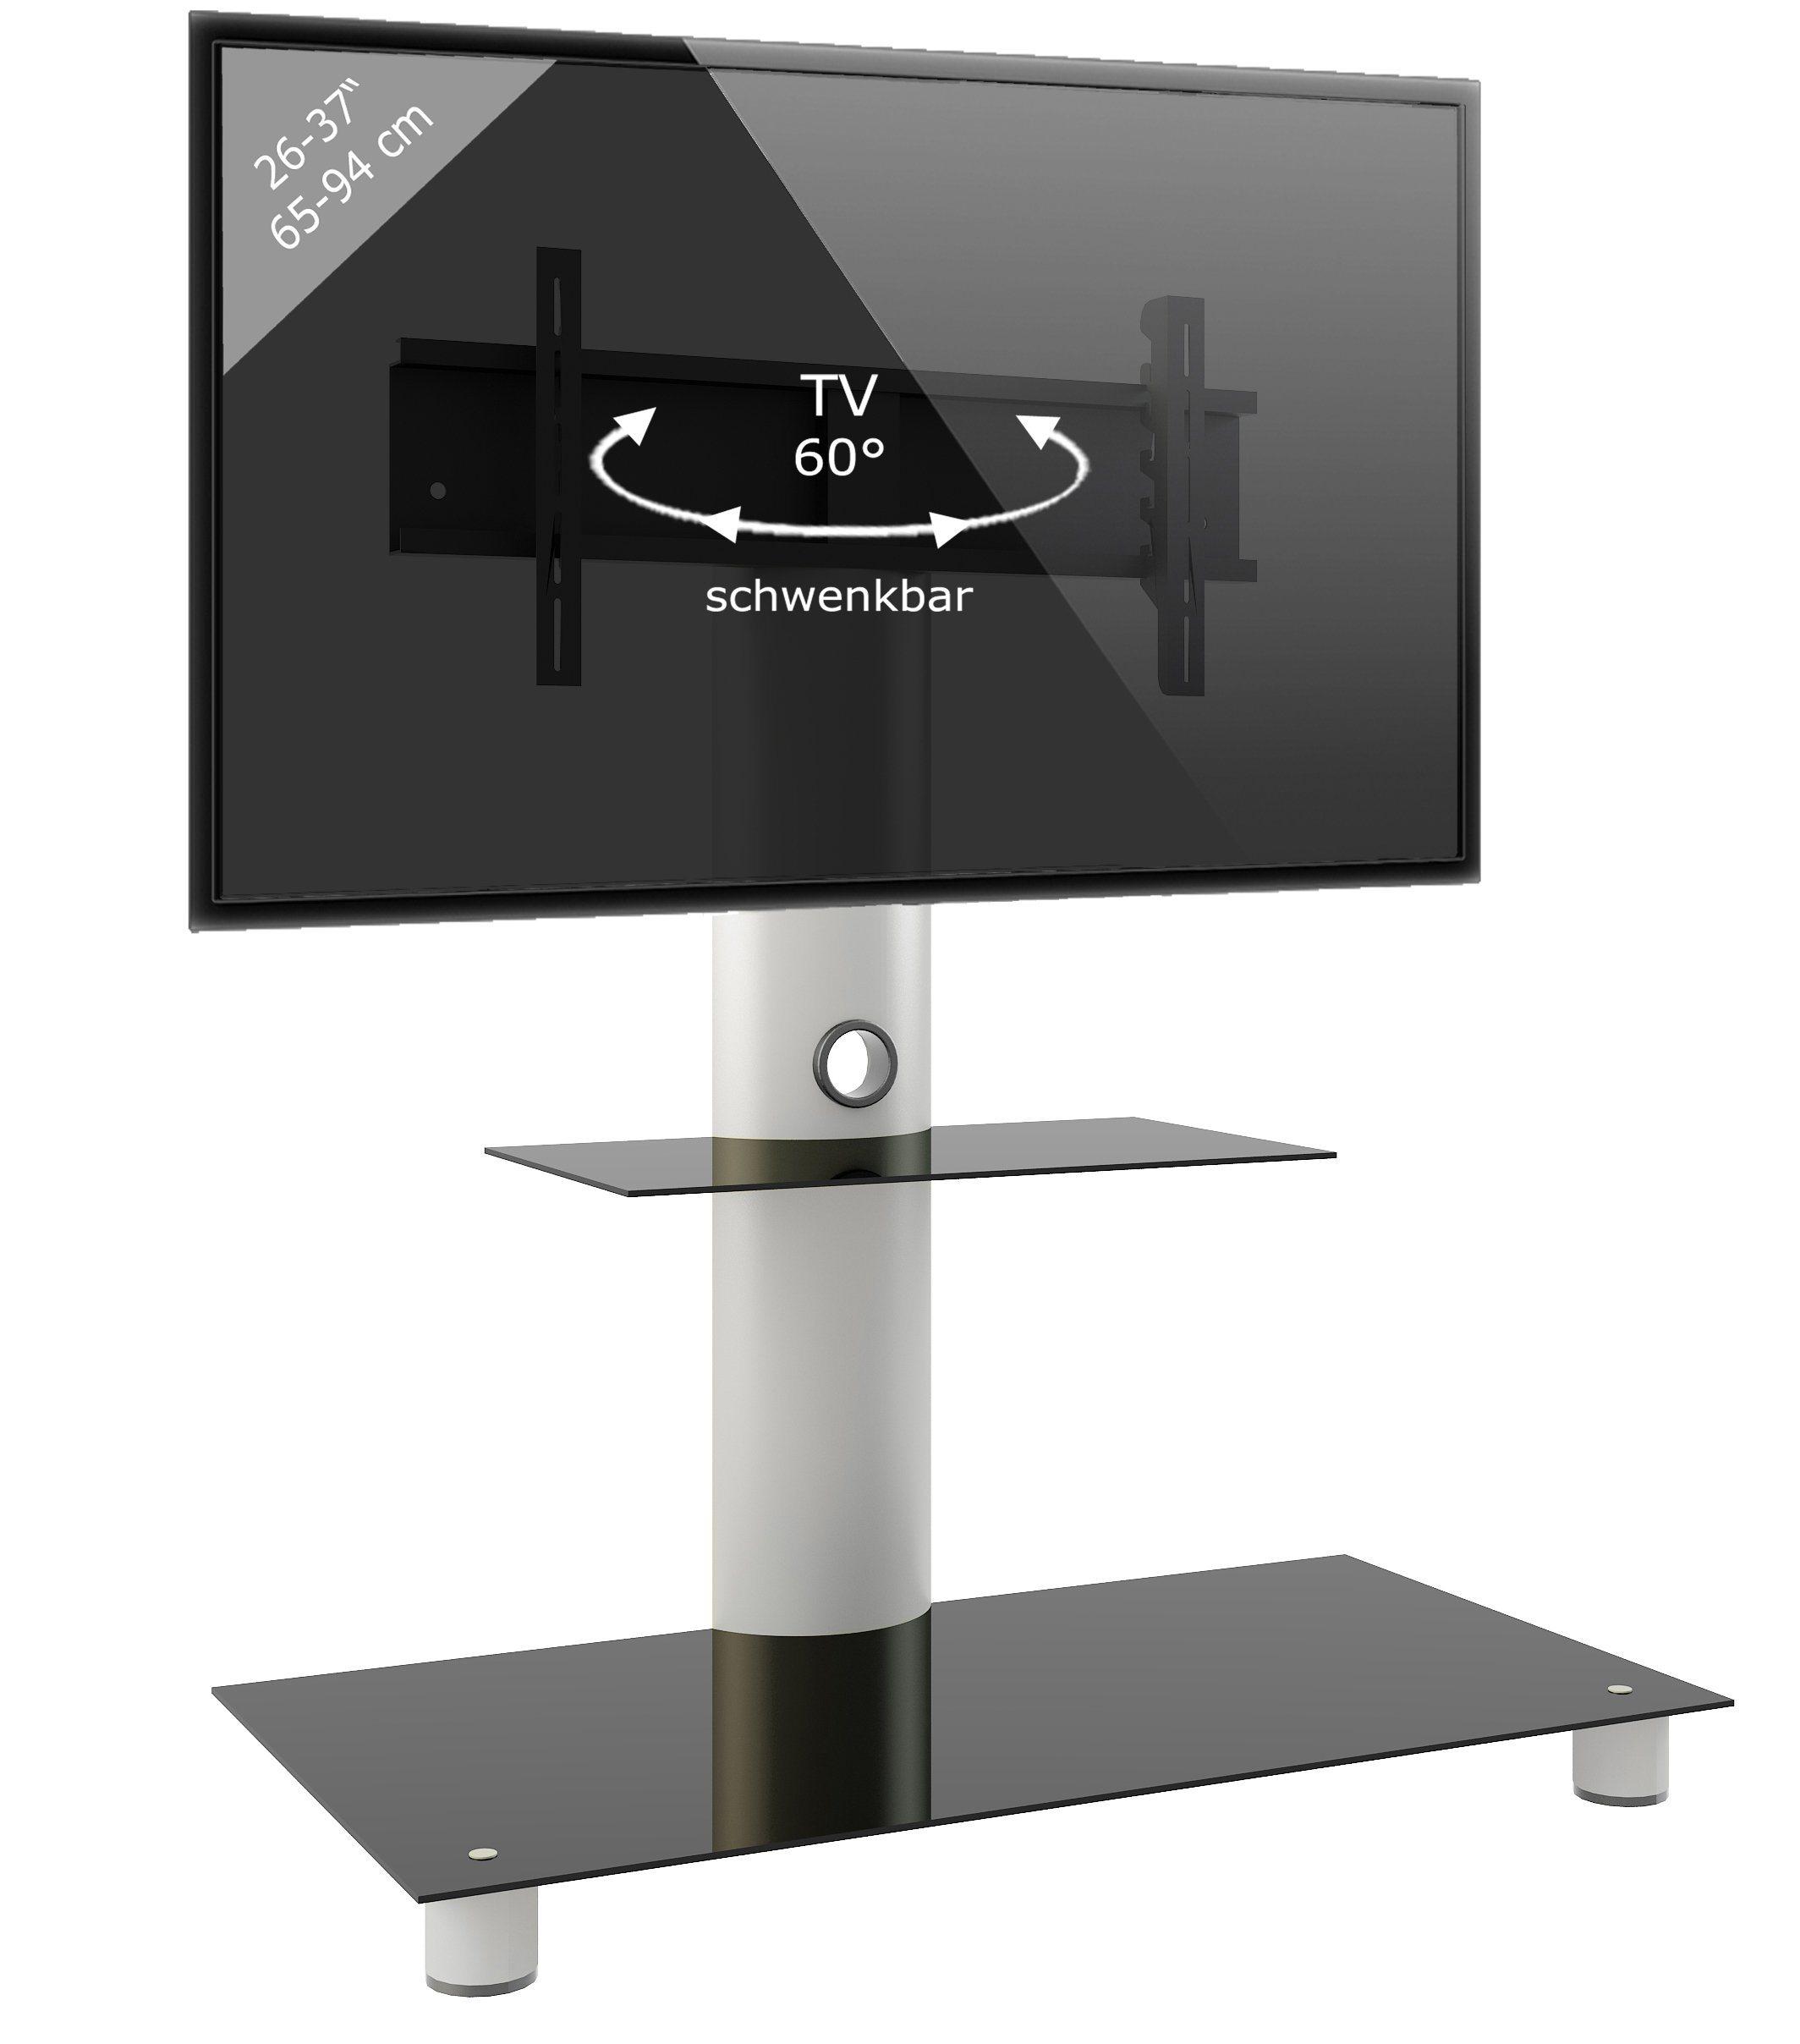 VCM TV-Standfuß ´´Standol Zwischenboden´´ | Wohnzimmer > TV-HiFi-Möbel > Ständer & Standfüße | Aluminium - Sicherheitsglas | VCM